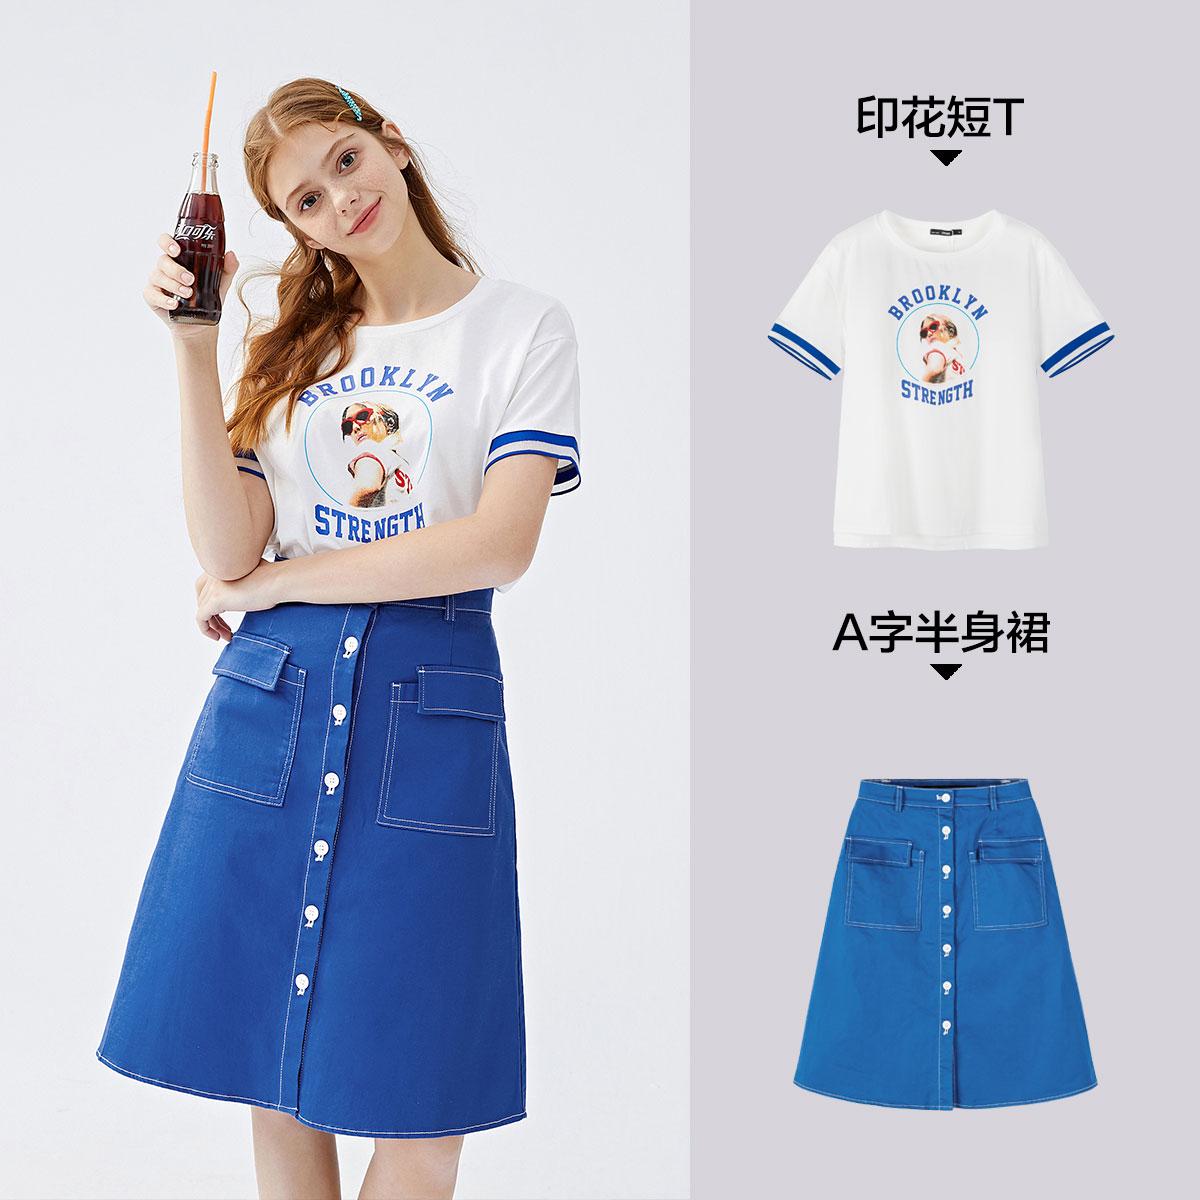 【商场同款】森马套装裙女夏季新款两件套印花纯棉短袖t恤配A字裙